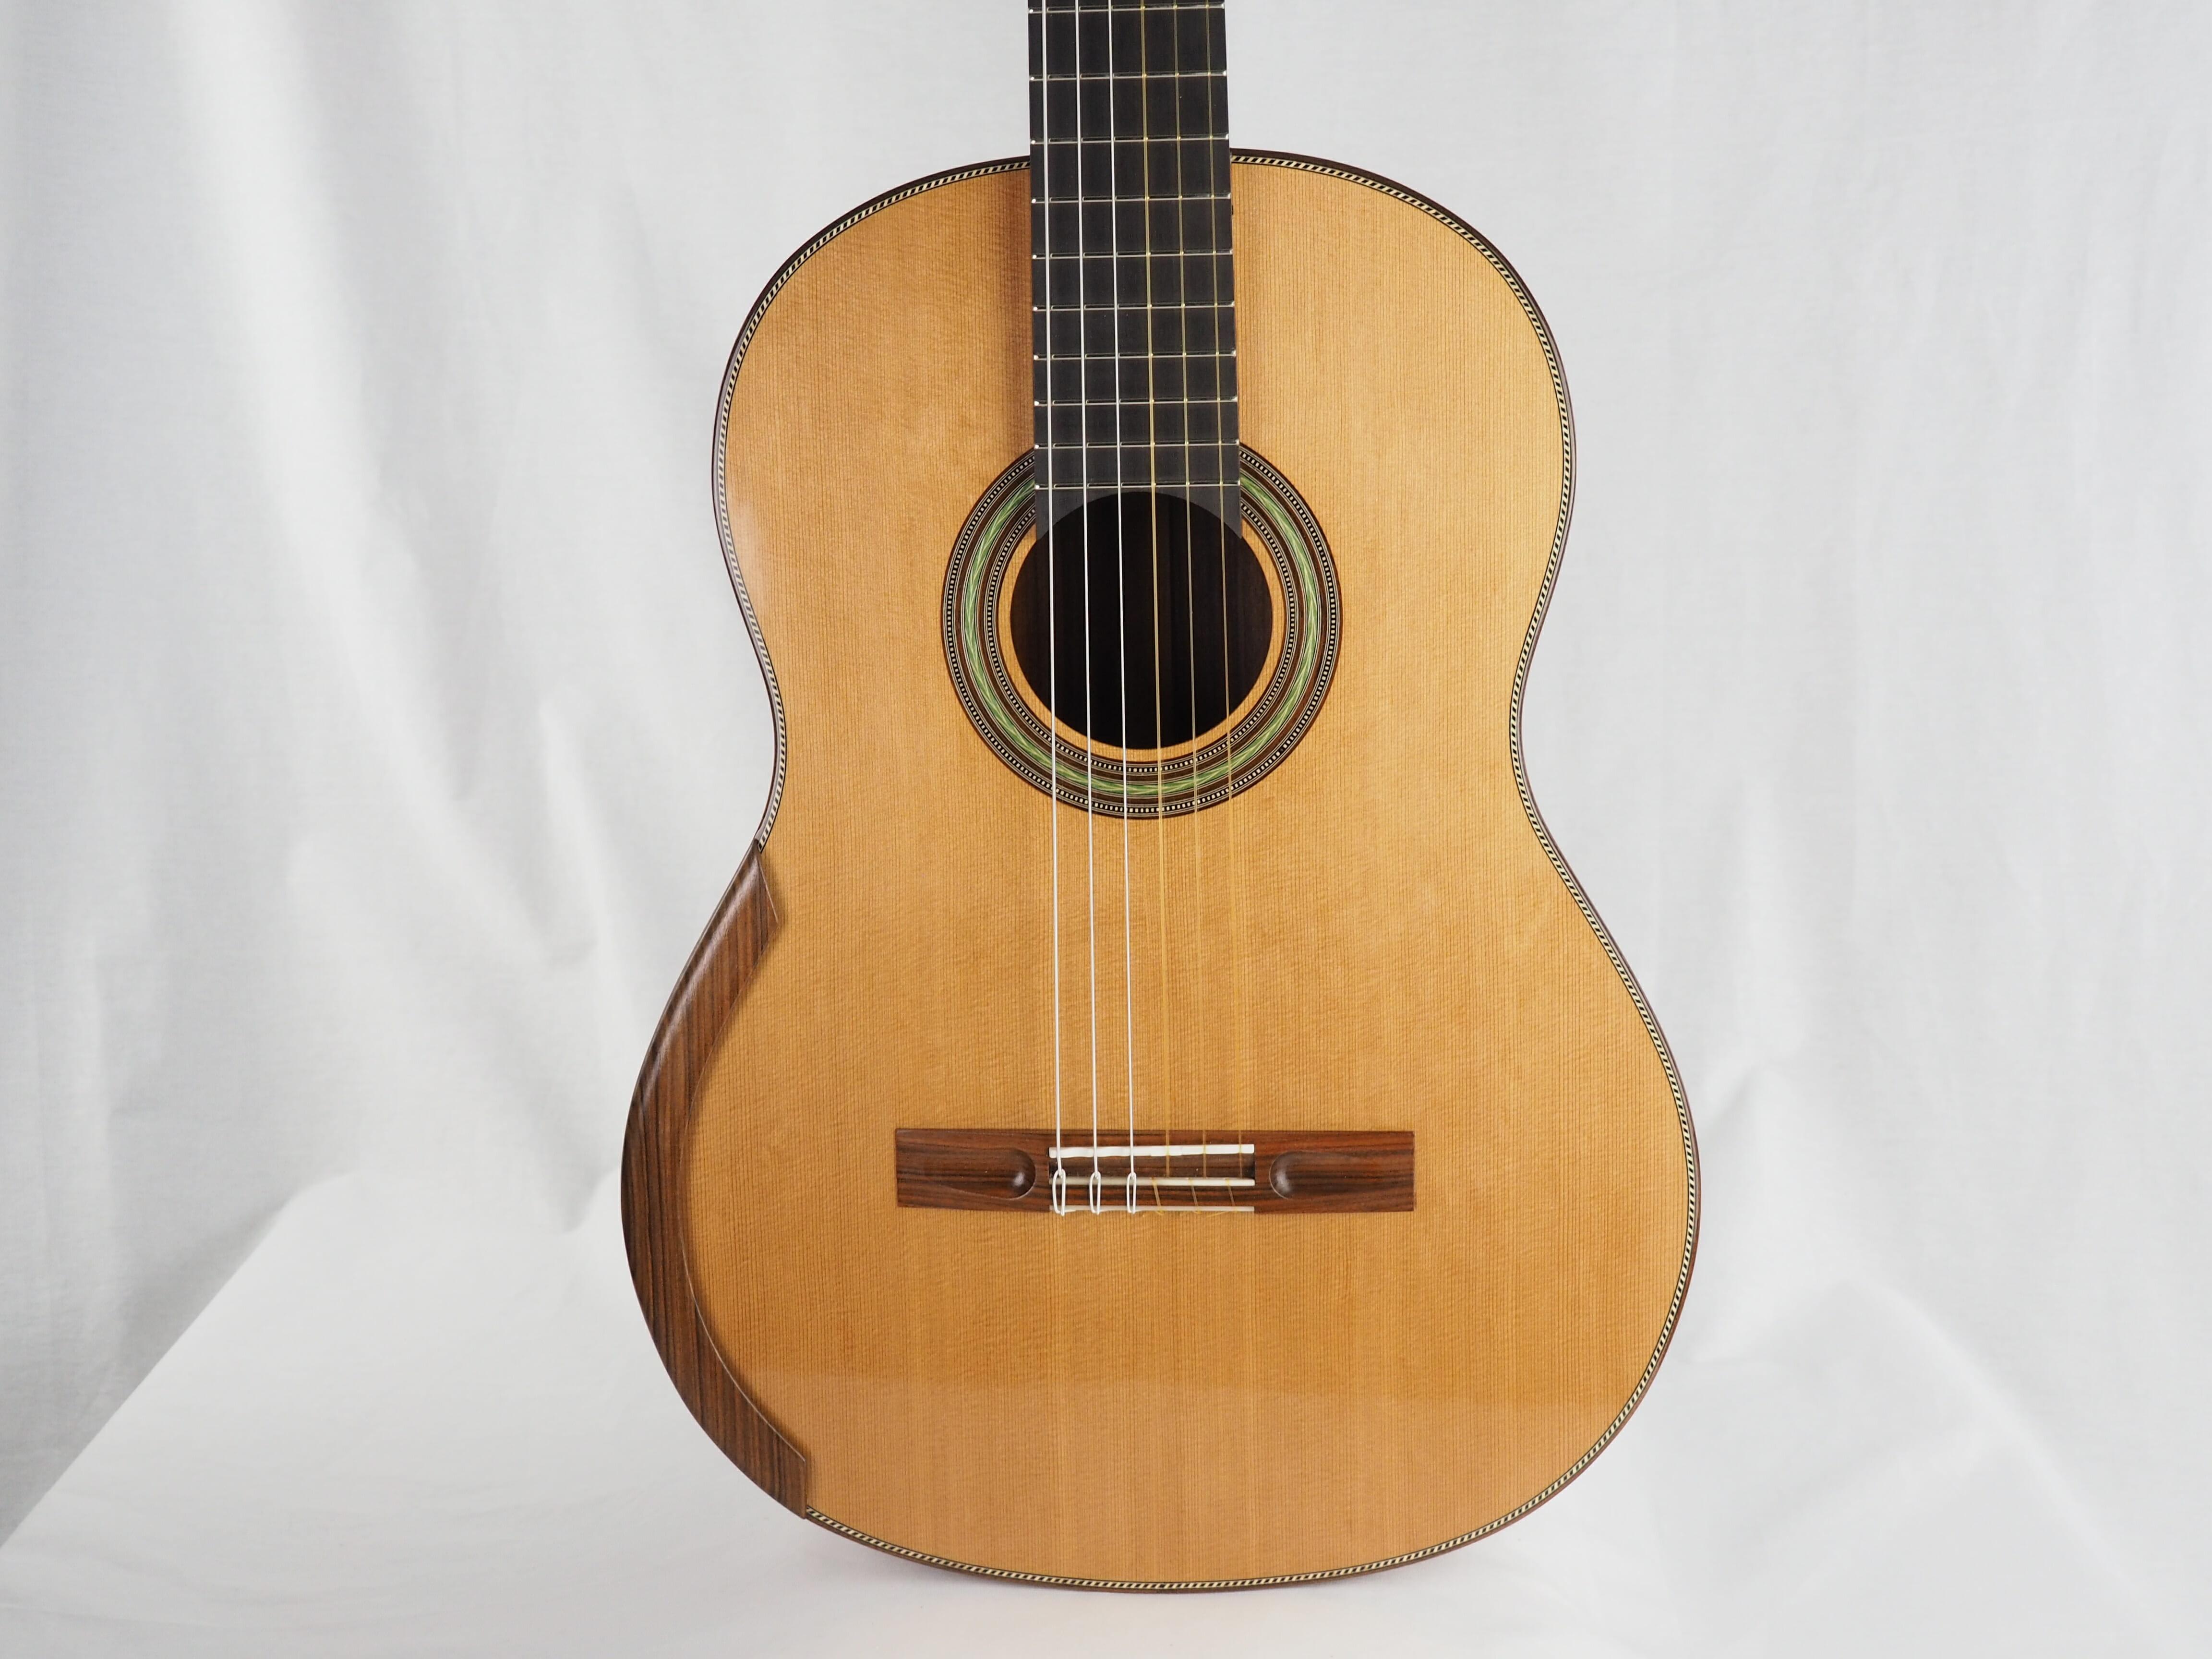 guitare classique luthier paris